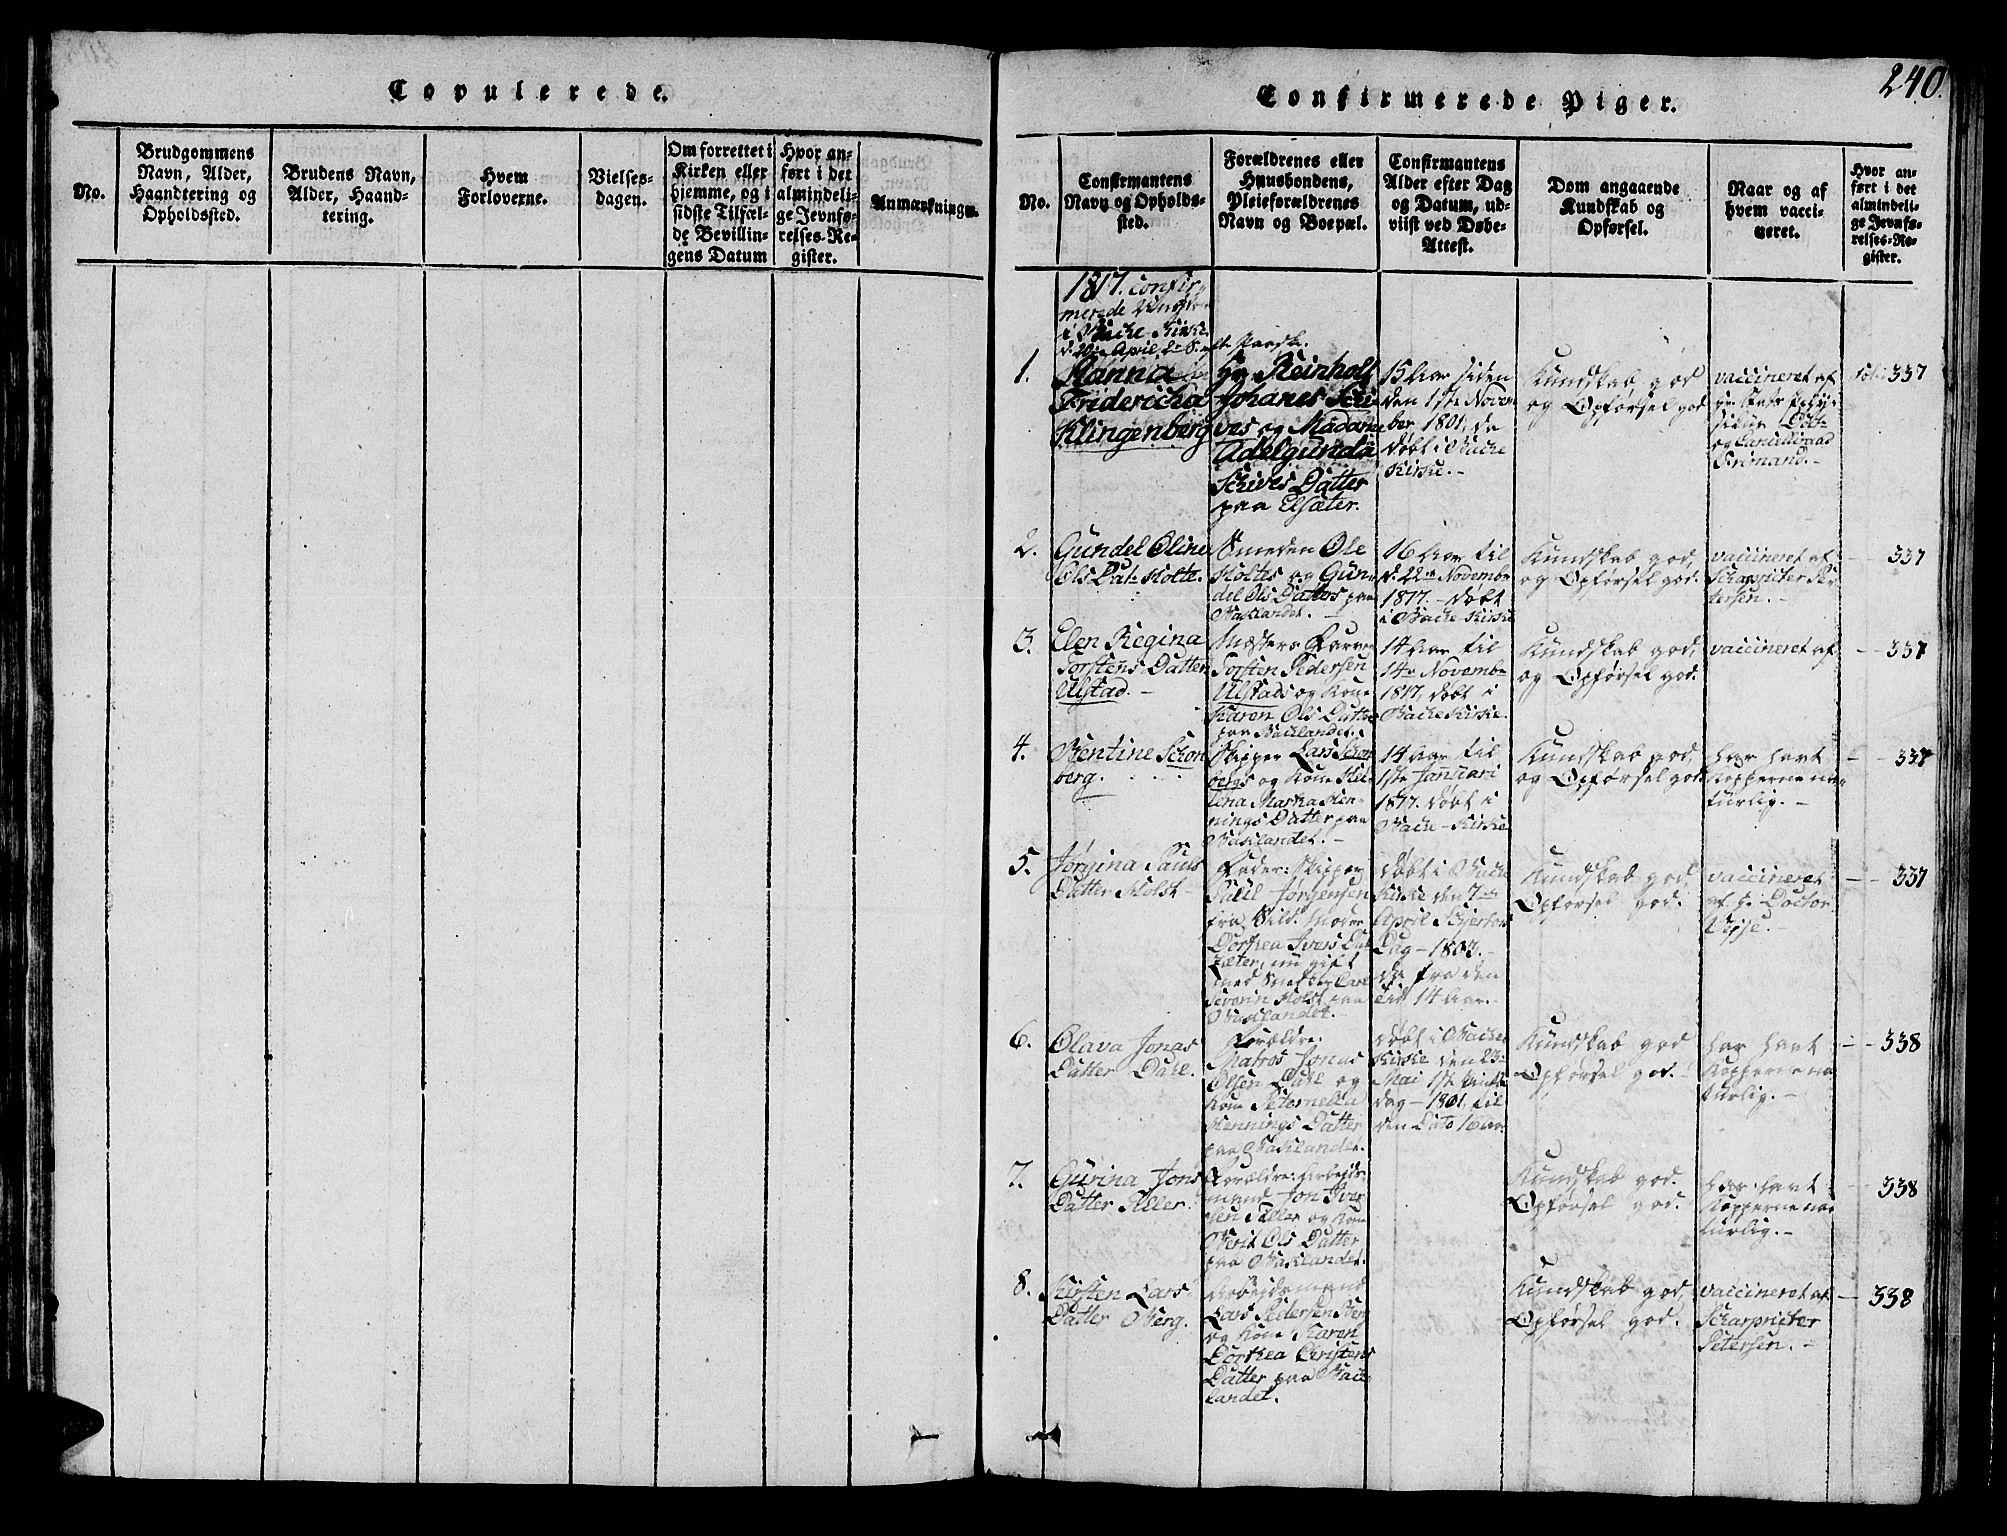 SAT, Ministerialprotokoller, klokkerbøker og fødselsregistre - Sør-Trøndelag, 606/L0307: Klokkerbok nr. 606C03, 1817-1824, s. 240